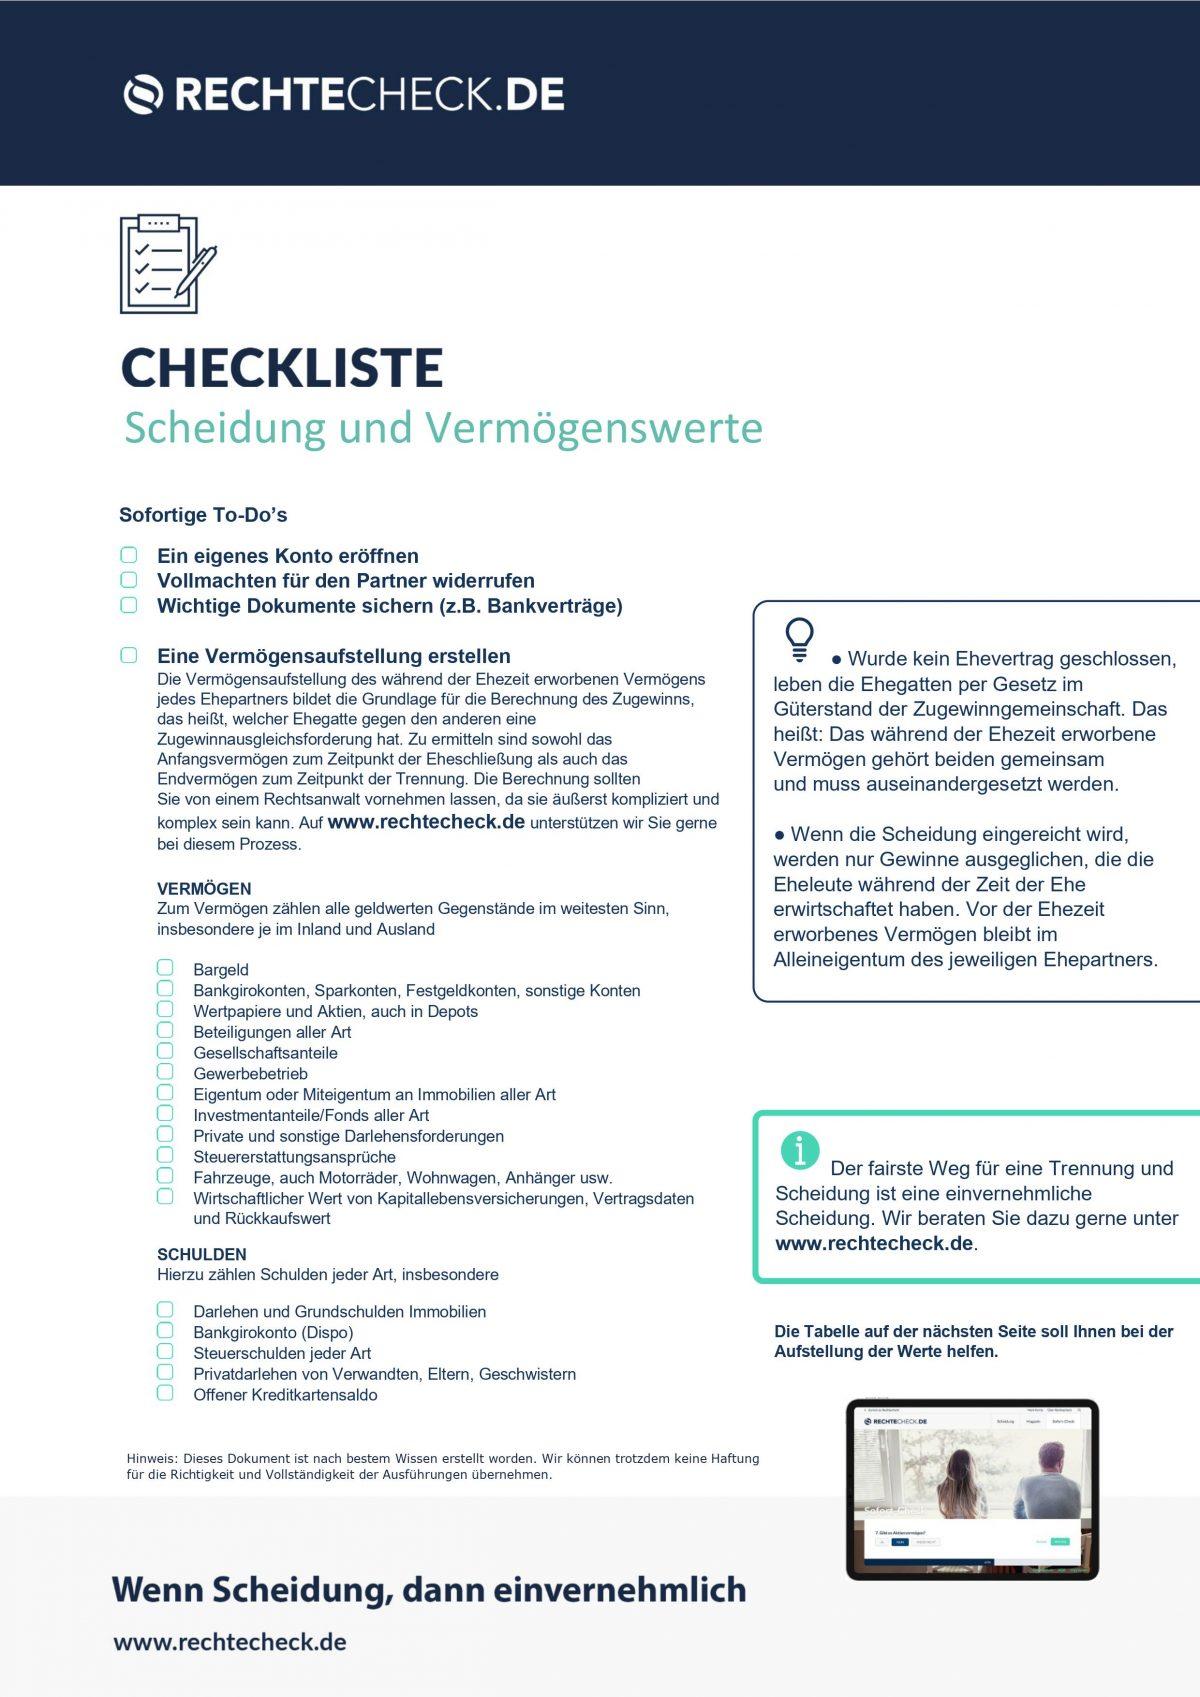 Checkliste: Scheidung und Vermögenswerte